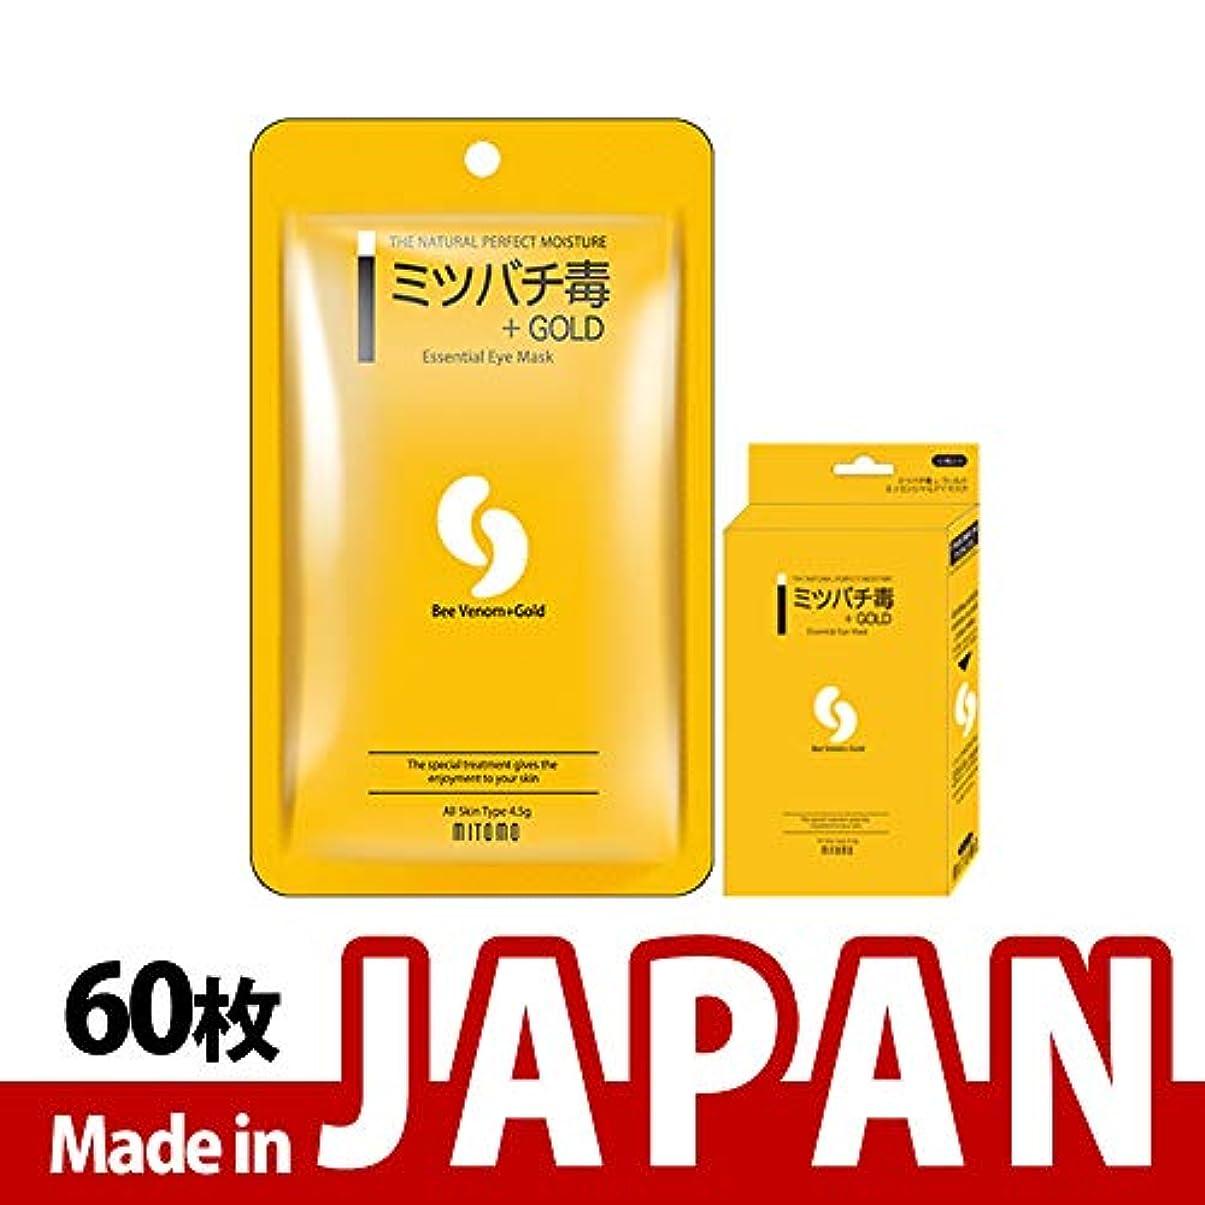 直面する必要ないギャロップMITOMO【MC002-A-0】日本製ミツバチ毒+ゴールド エッセンシャルアイマスク 10枚入り/60枚/美容液/マスクパック/送料無料